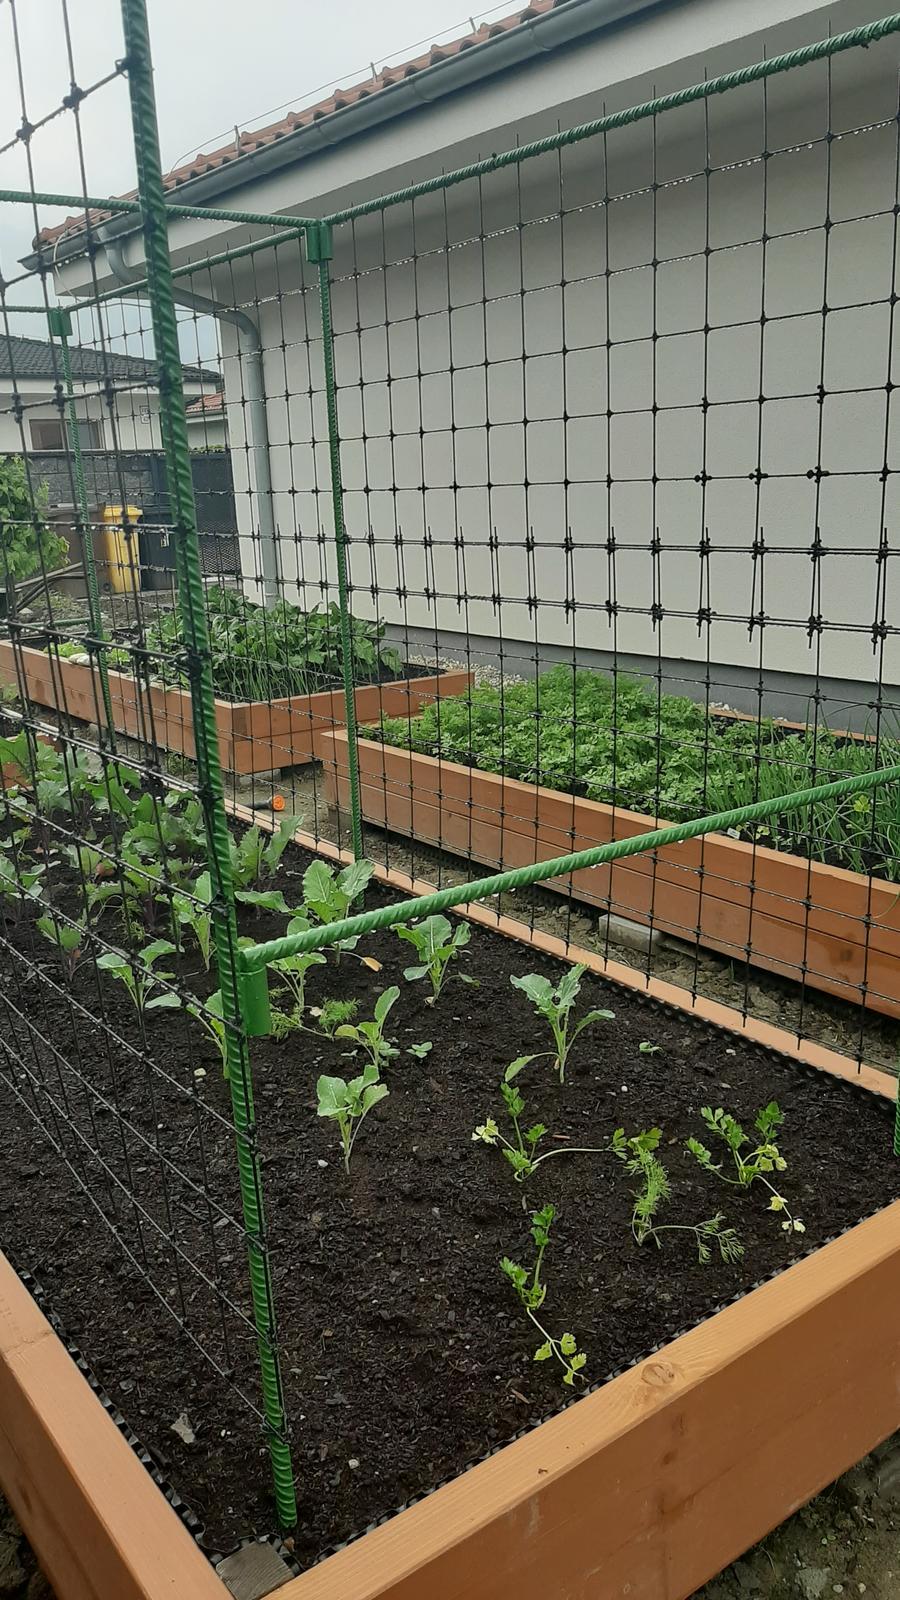 🏠🌞🌺❤🌷 Zahrada a jej dalsi rok...2020 🌱🐞🐛🦋🍓🥕🍅🌺❤ - Manzel vyrobil klietku na uhorky 😁